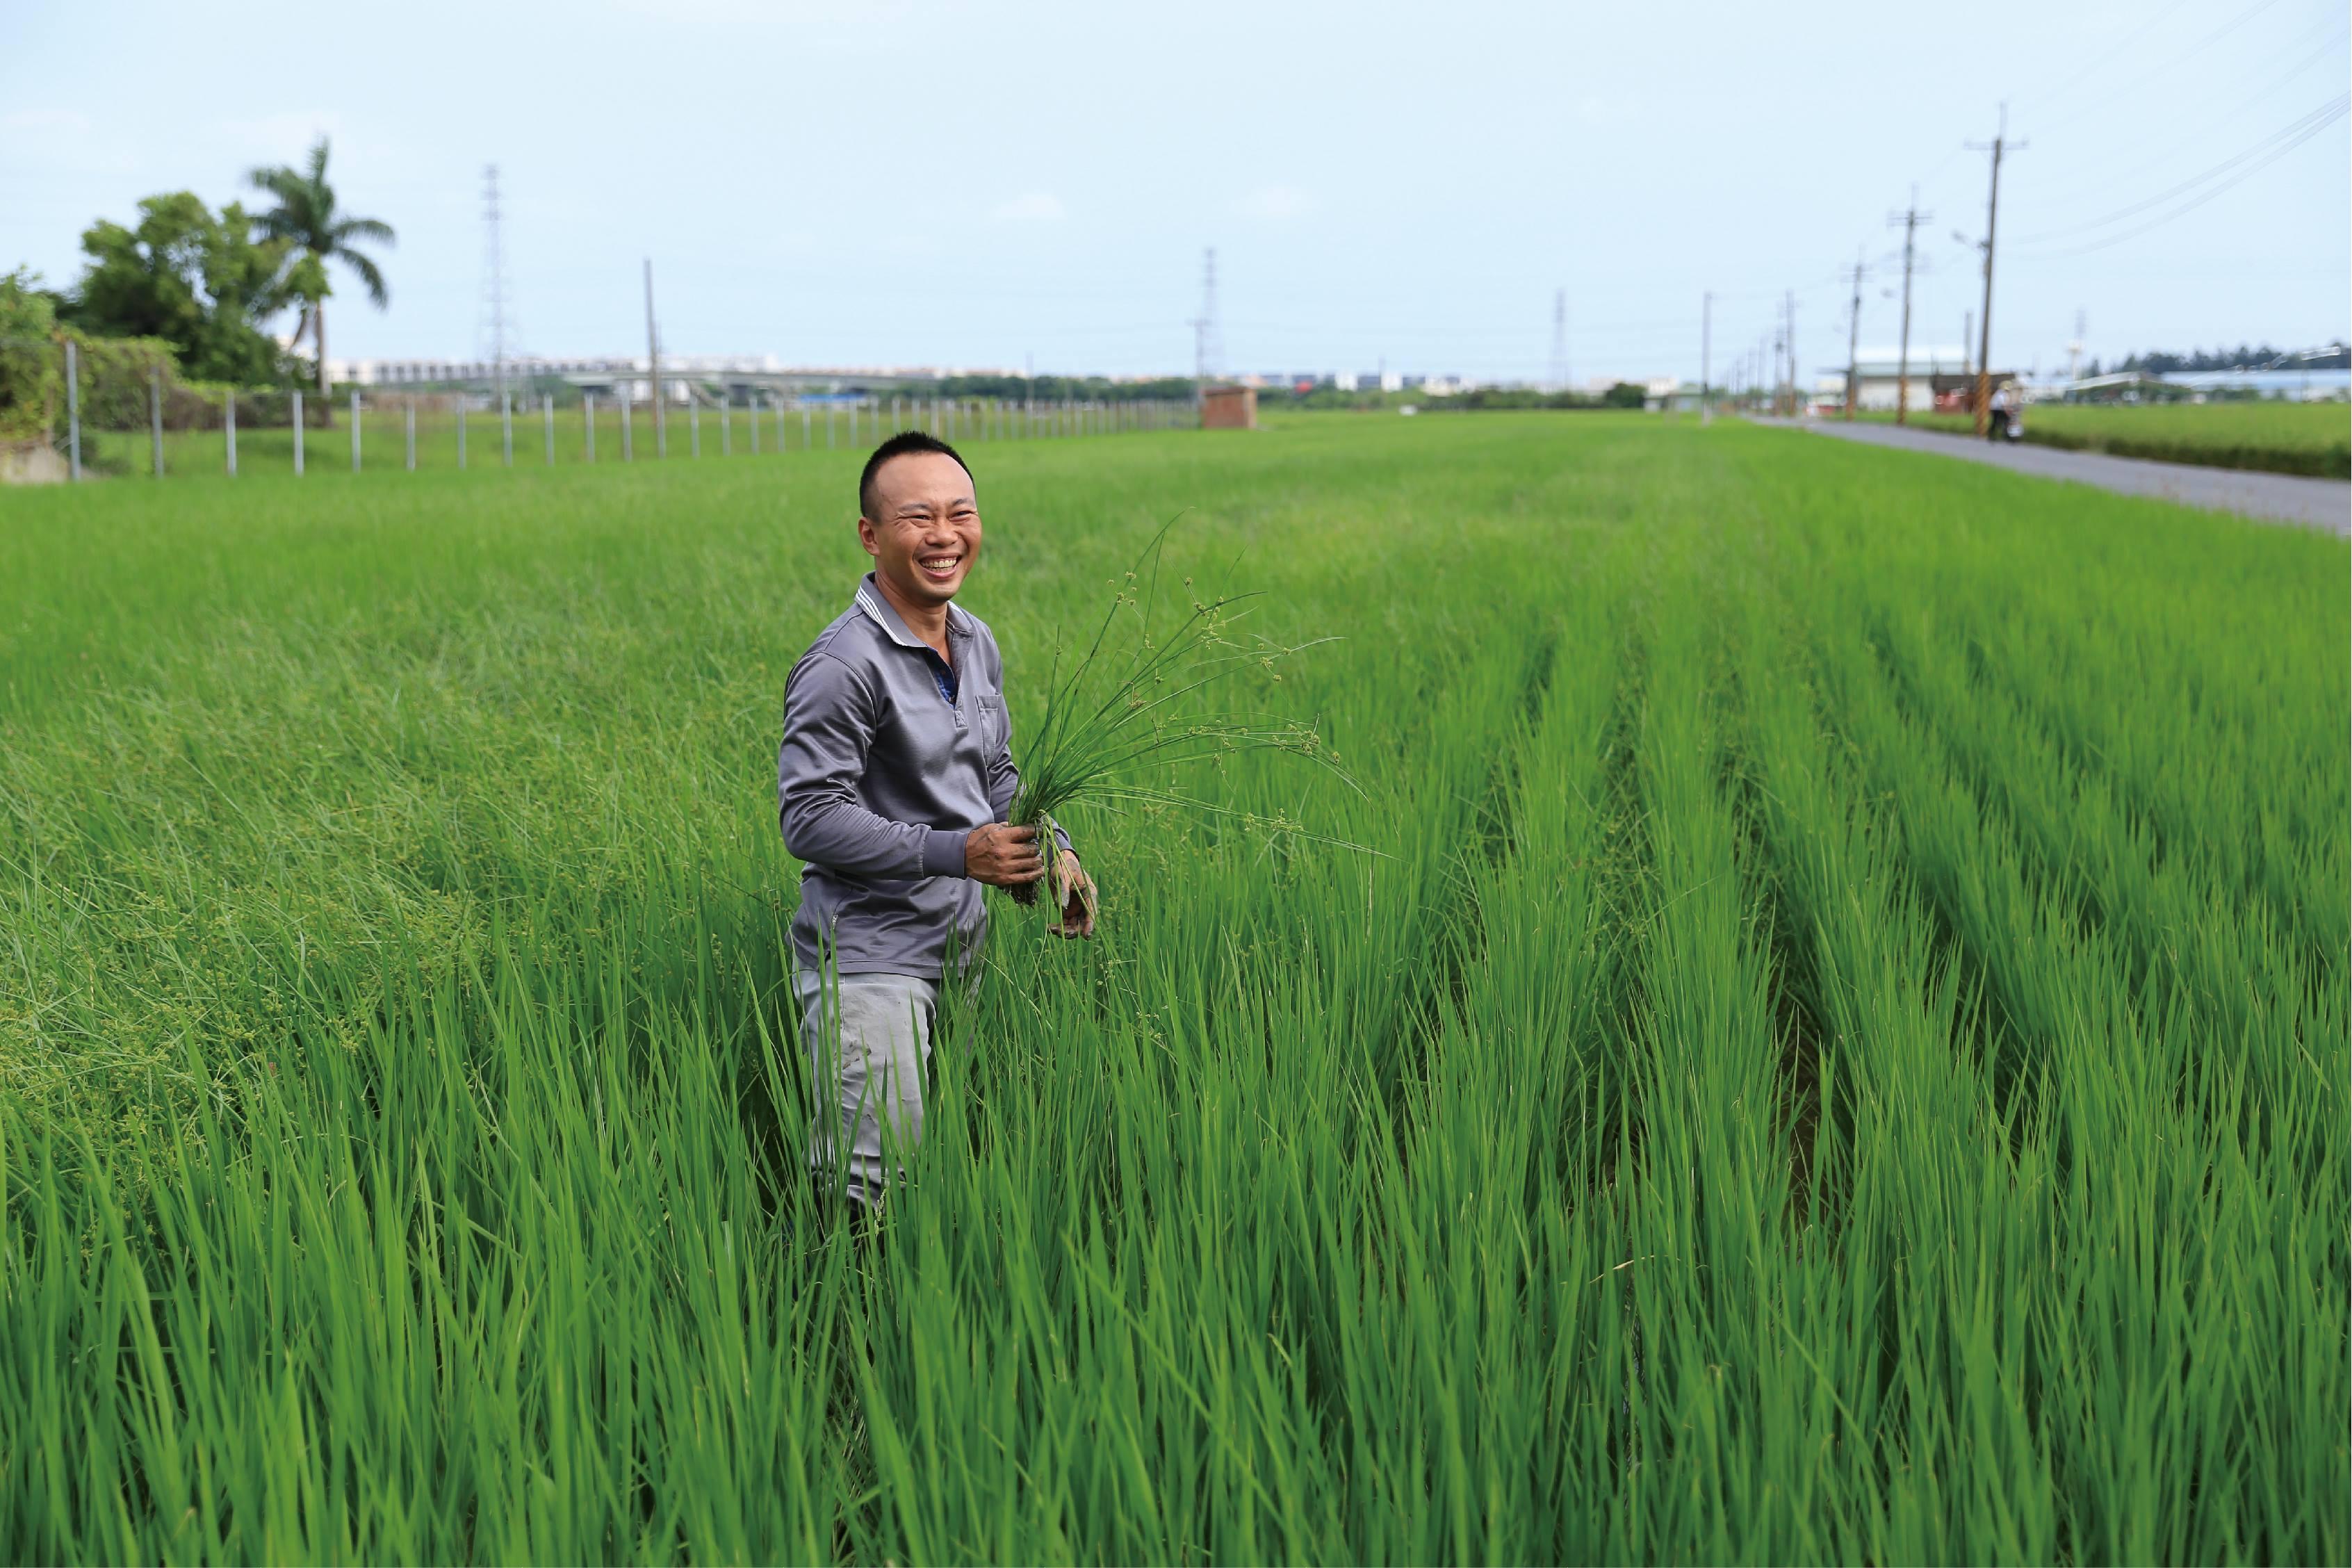 志偉橫-支持在地小農、選用台灣國產豆是我們的堅持,市面上豆製品充斥著各式各樣的化學添加物,製作健康純粹的豆製品反而是最困難的。